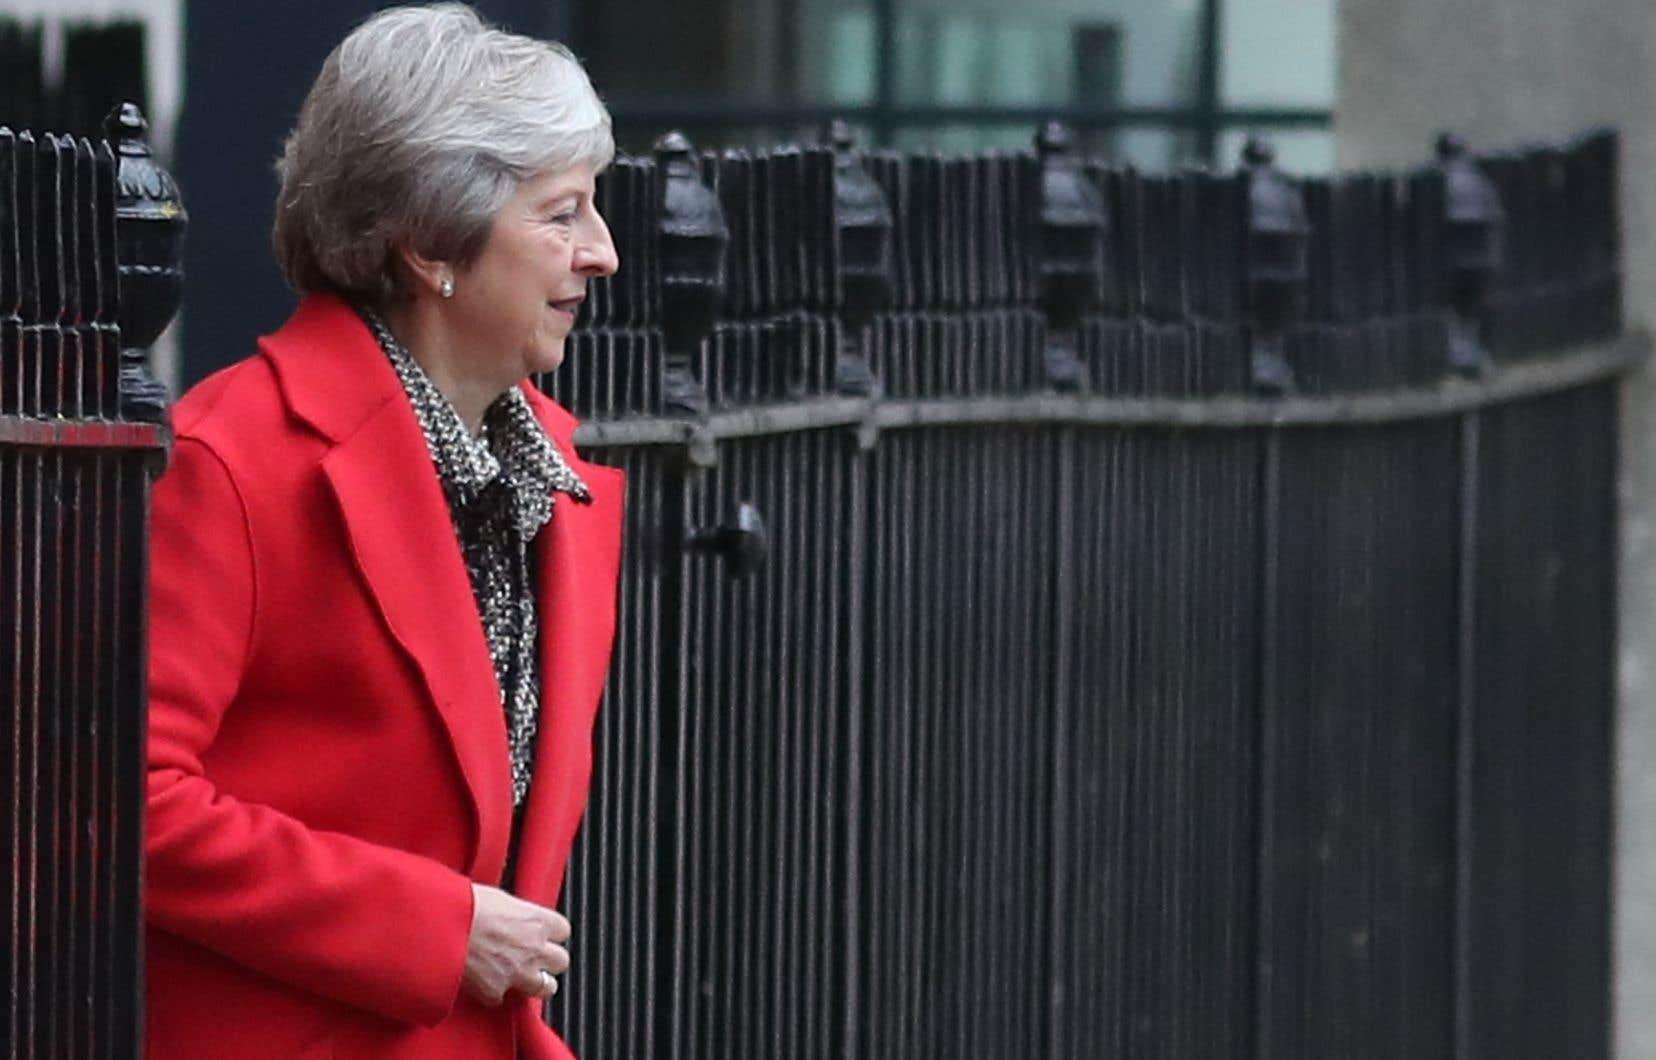 Malgré la démission de plusieurs de ses ministres, dont Dominic Raab, le ministre responsable des négociations sur le Brexit, la première ministre du Royaume-Uni continue de soutenir son projet de Brexit.